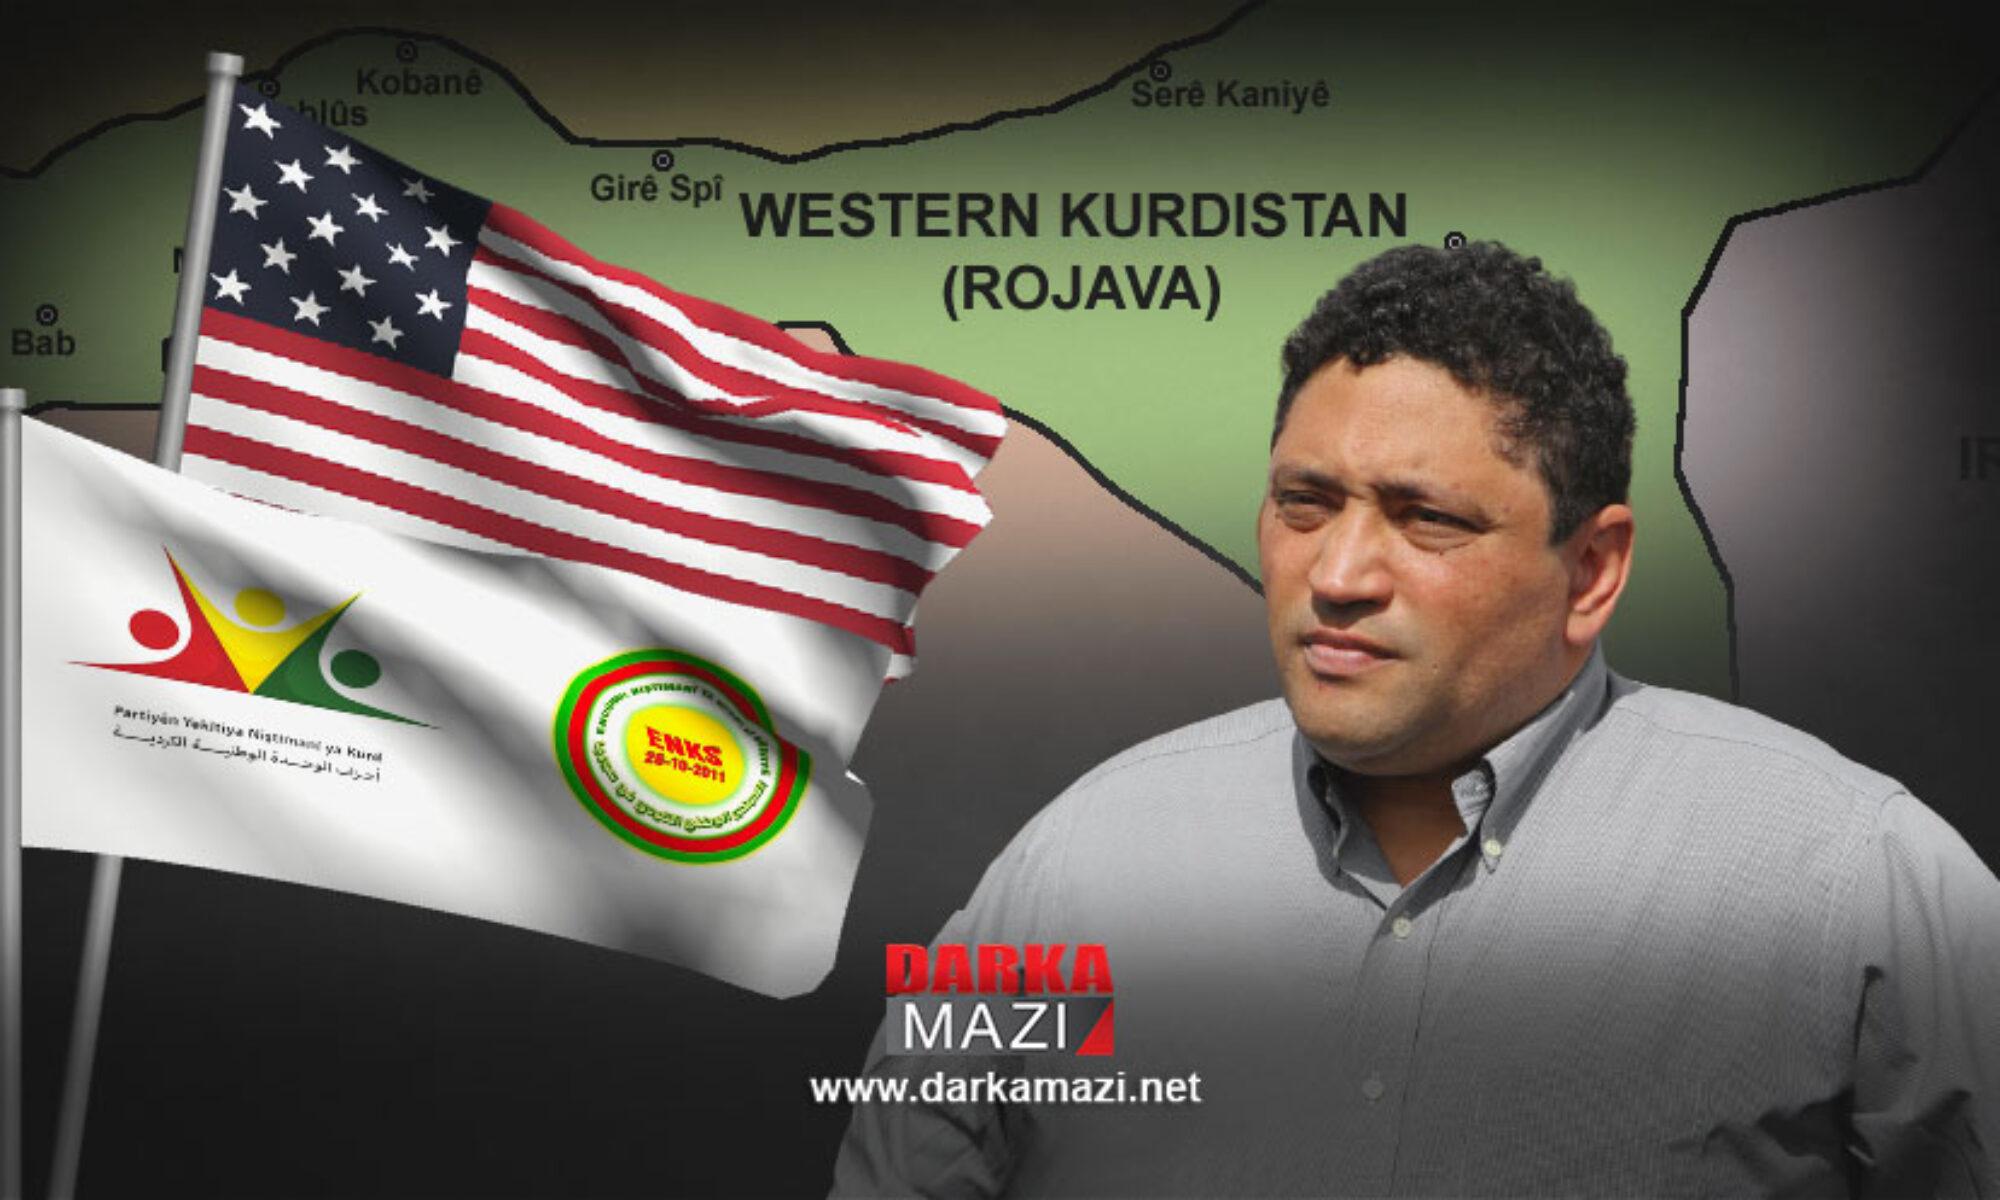 ABD'nin Suriye Özel Temsilcisi Brownstein: Kürt diyaloğuna yardım etmeye kararlıyız Rojava, ENKS, PYND, Müzakere